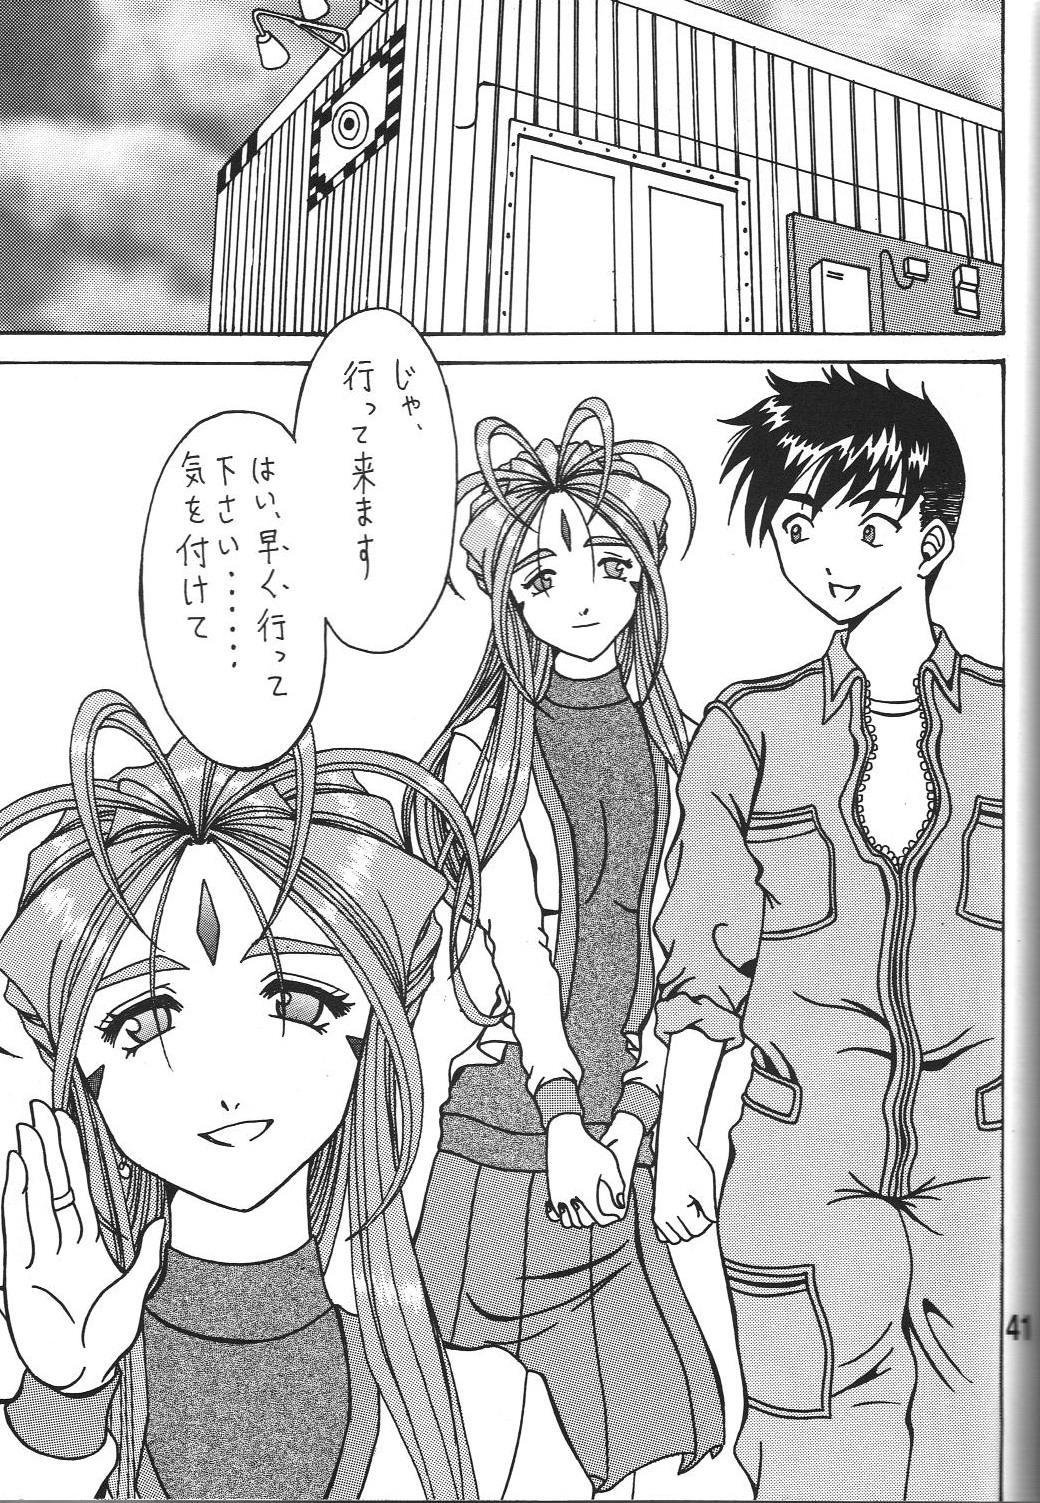 Megami no yuri kago 40